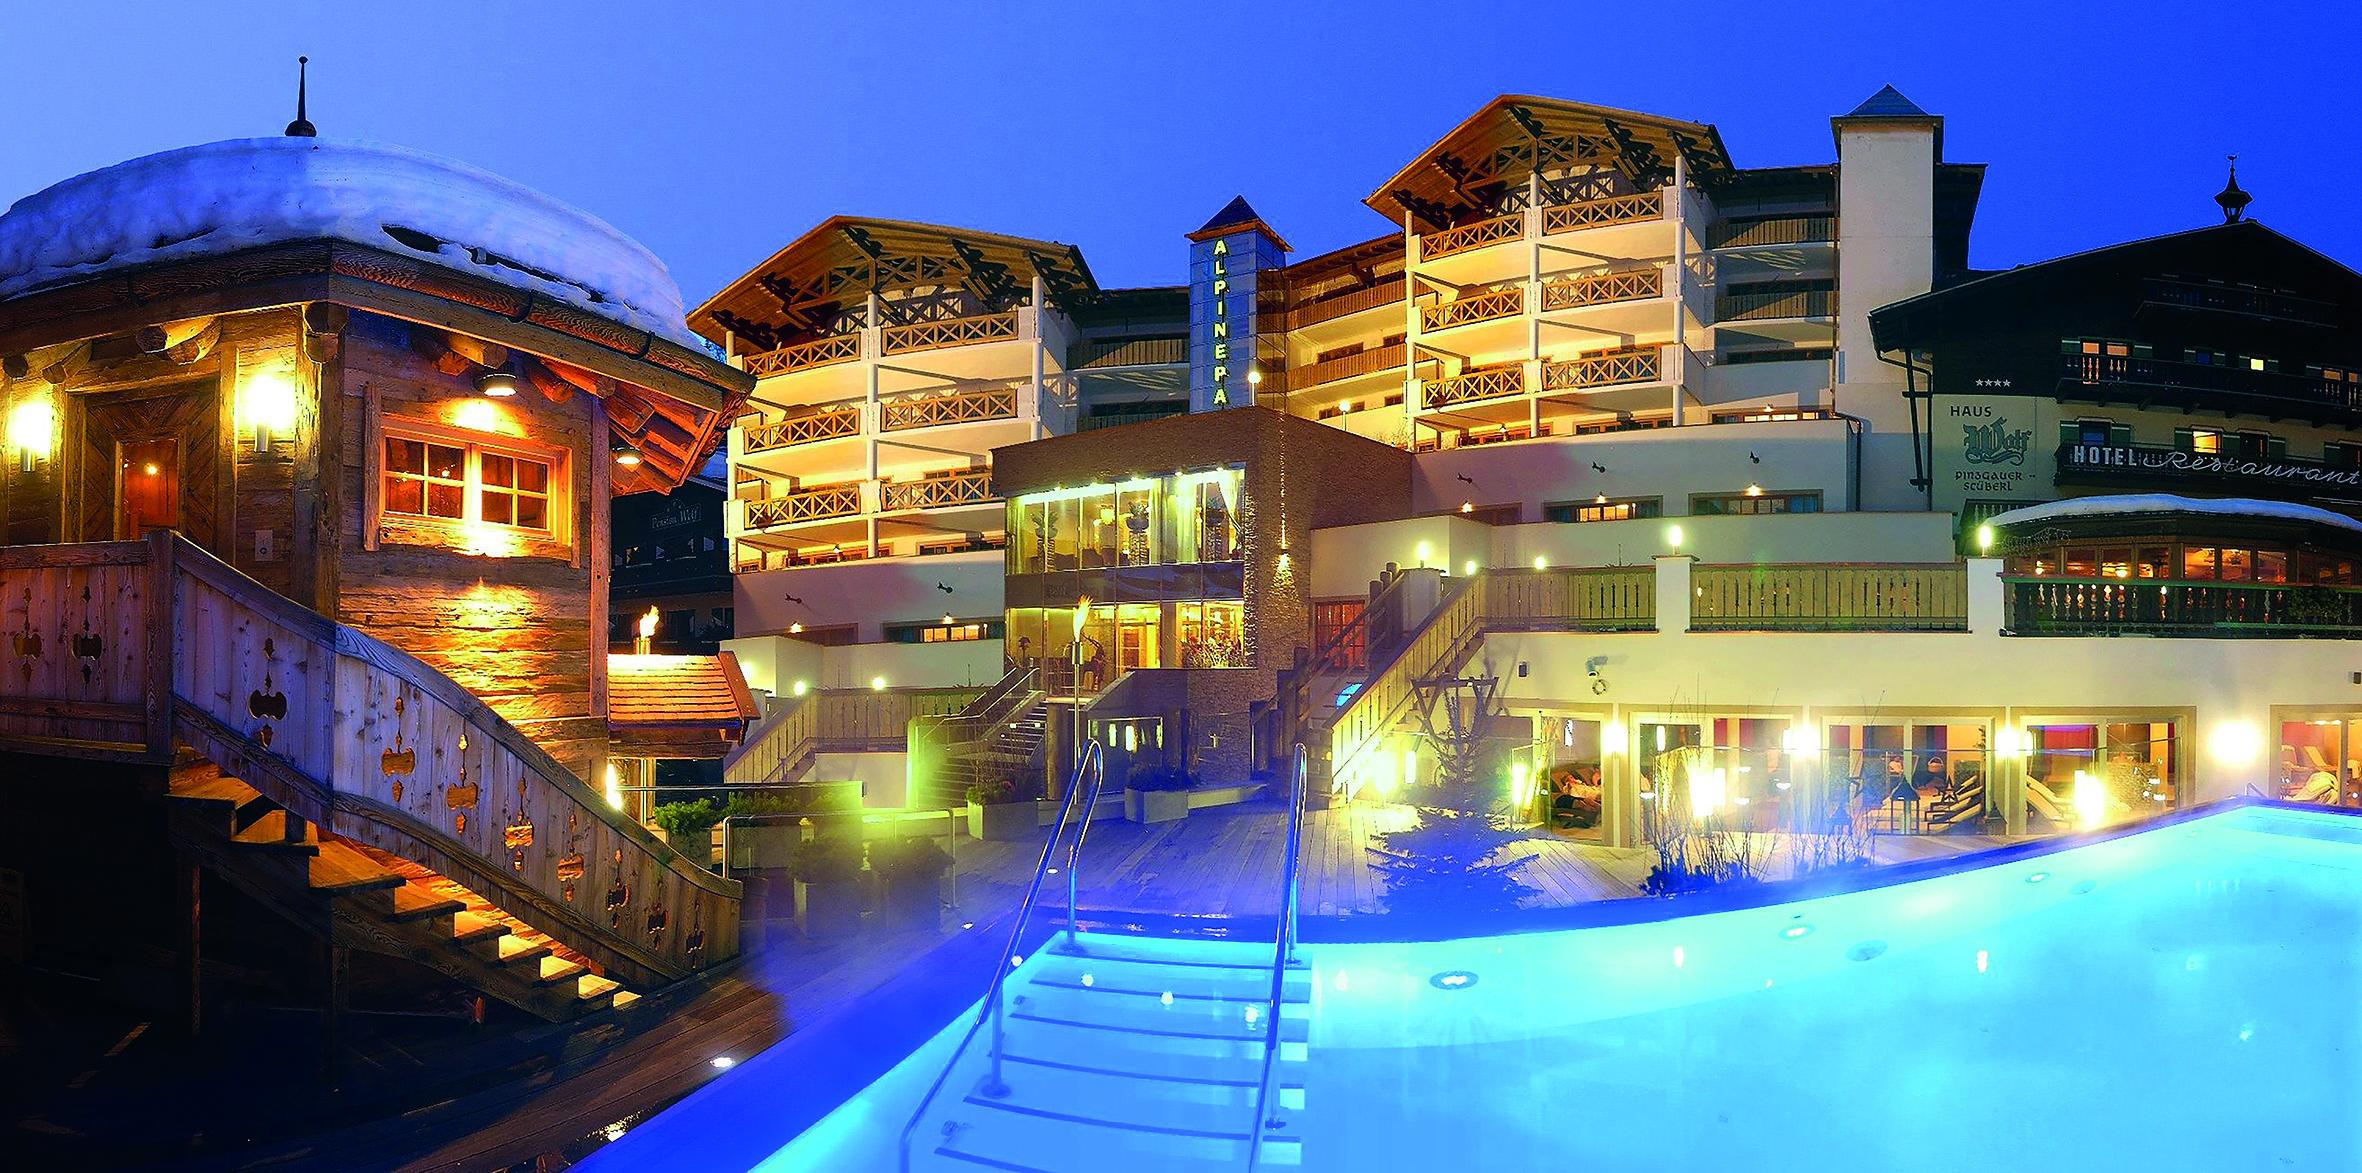 Barrierefreie Hotels Jetzt Buchen Auf Hotelspecials At